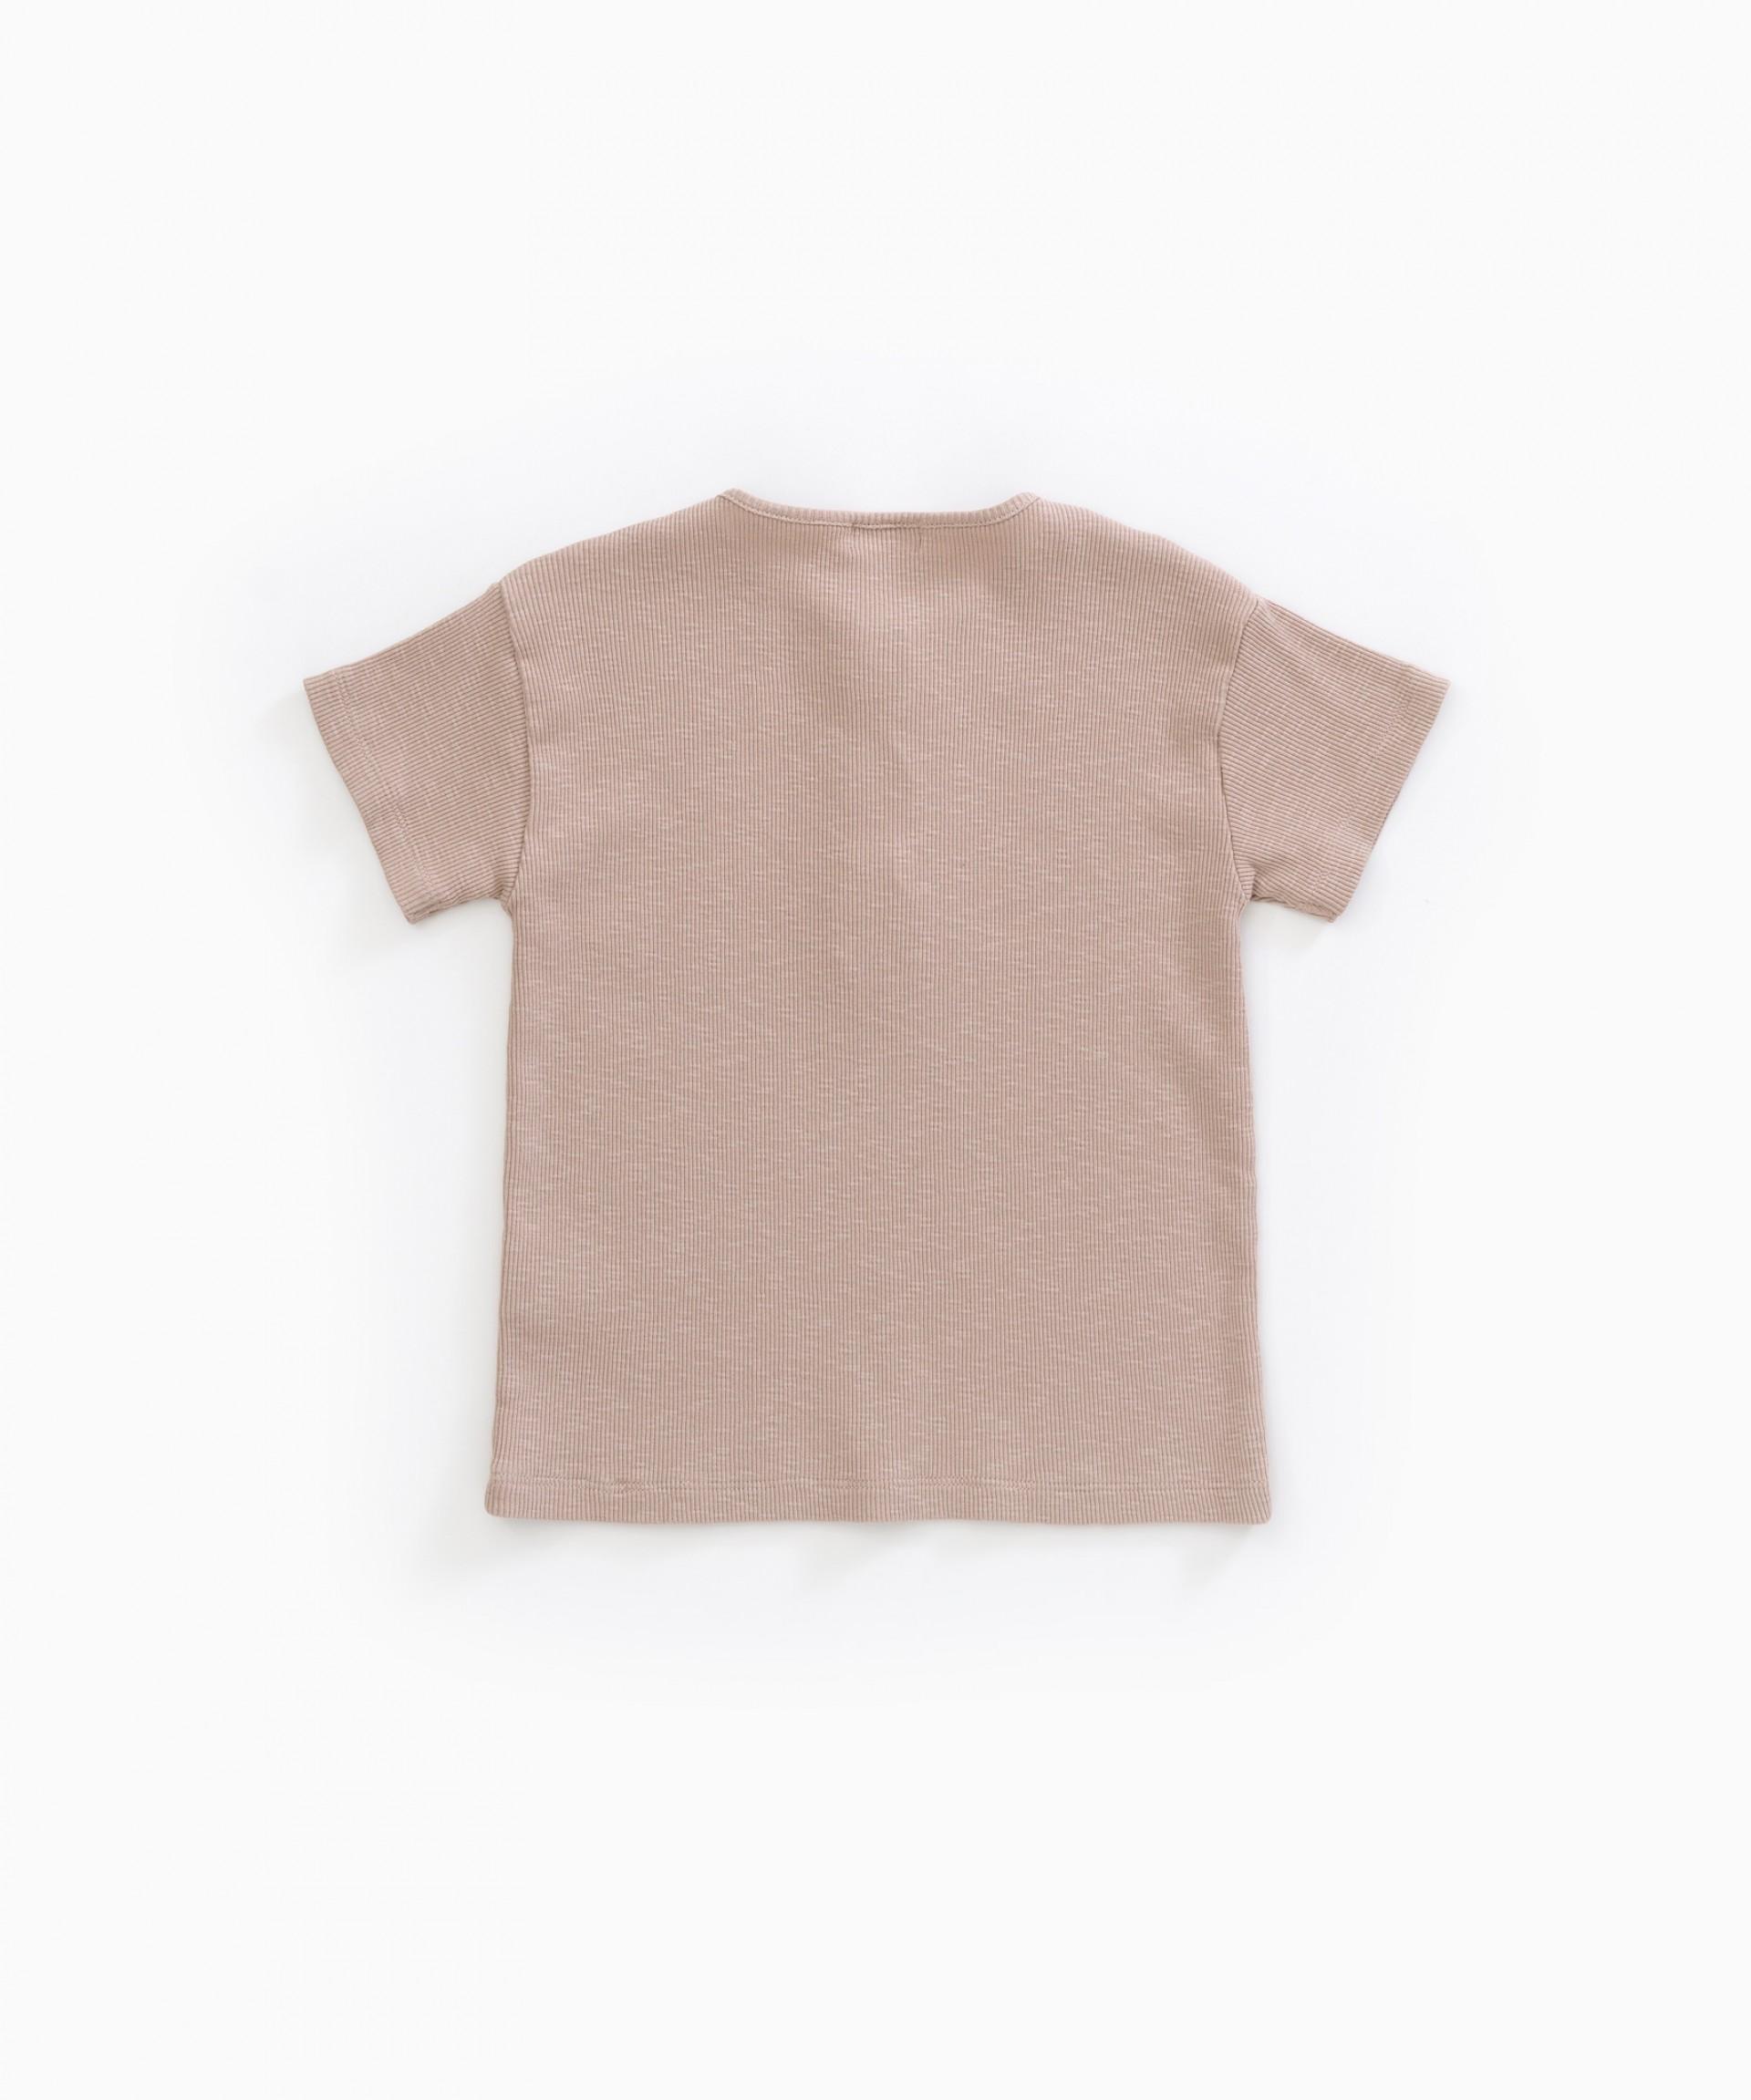 T-shirt em algodão orgânico com botões de madeira | Weaving